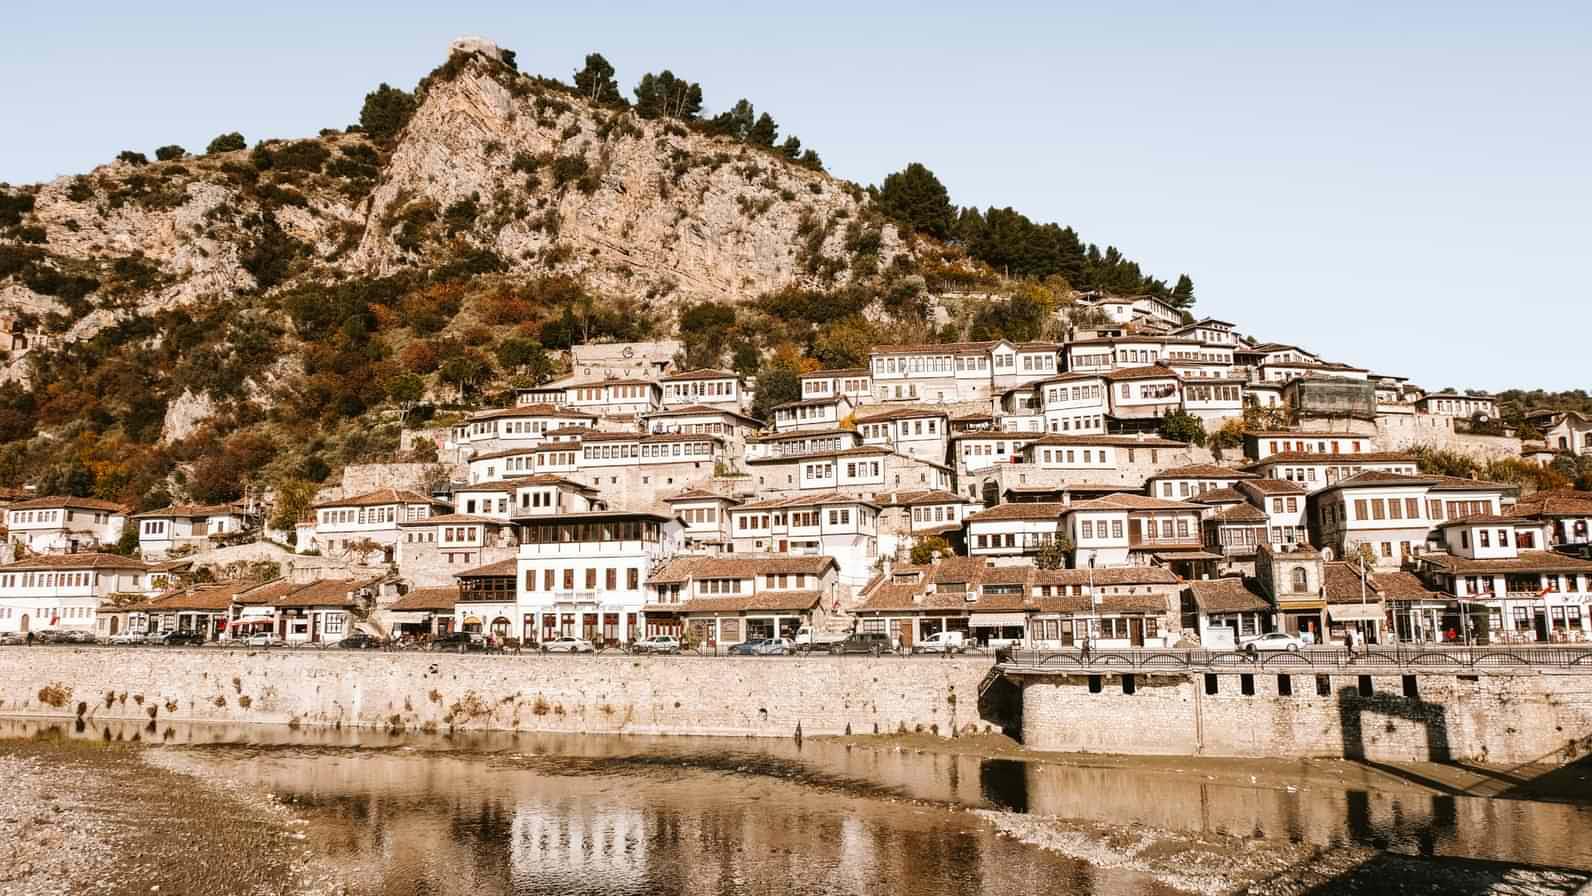 Berat Historic Centre UNESCO World Heritage Site in Berat, Albania